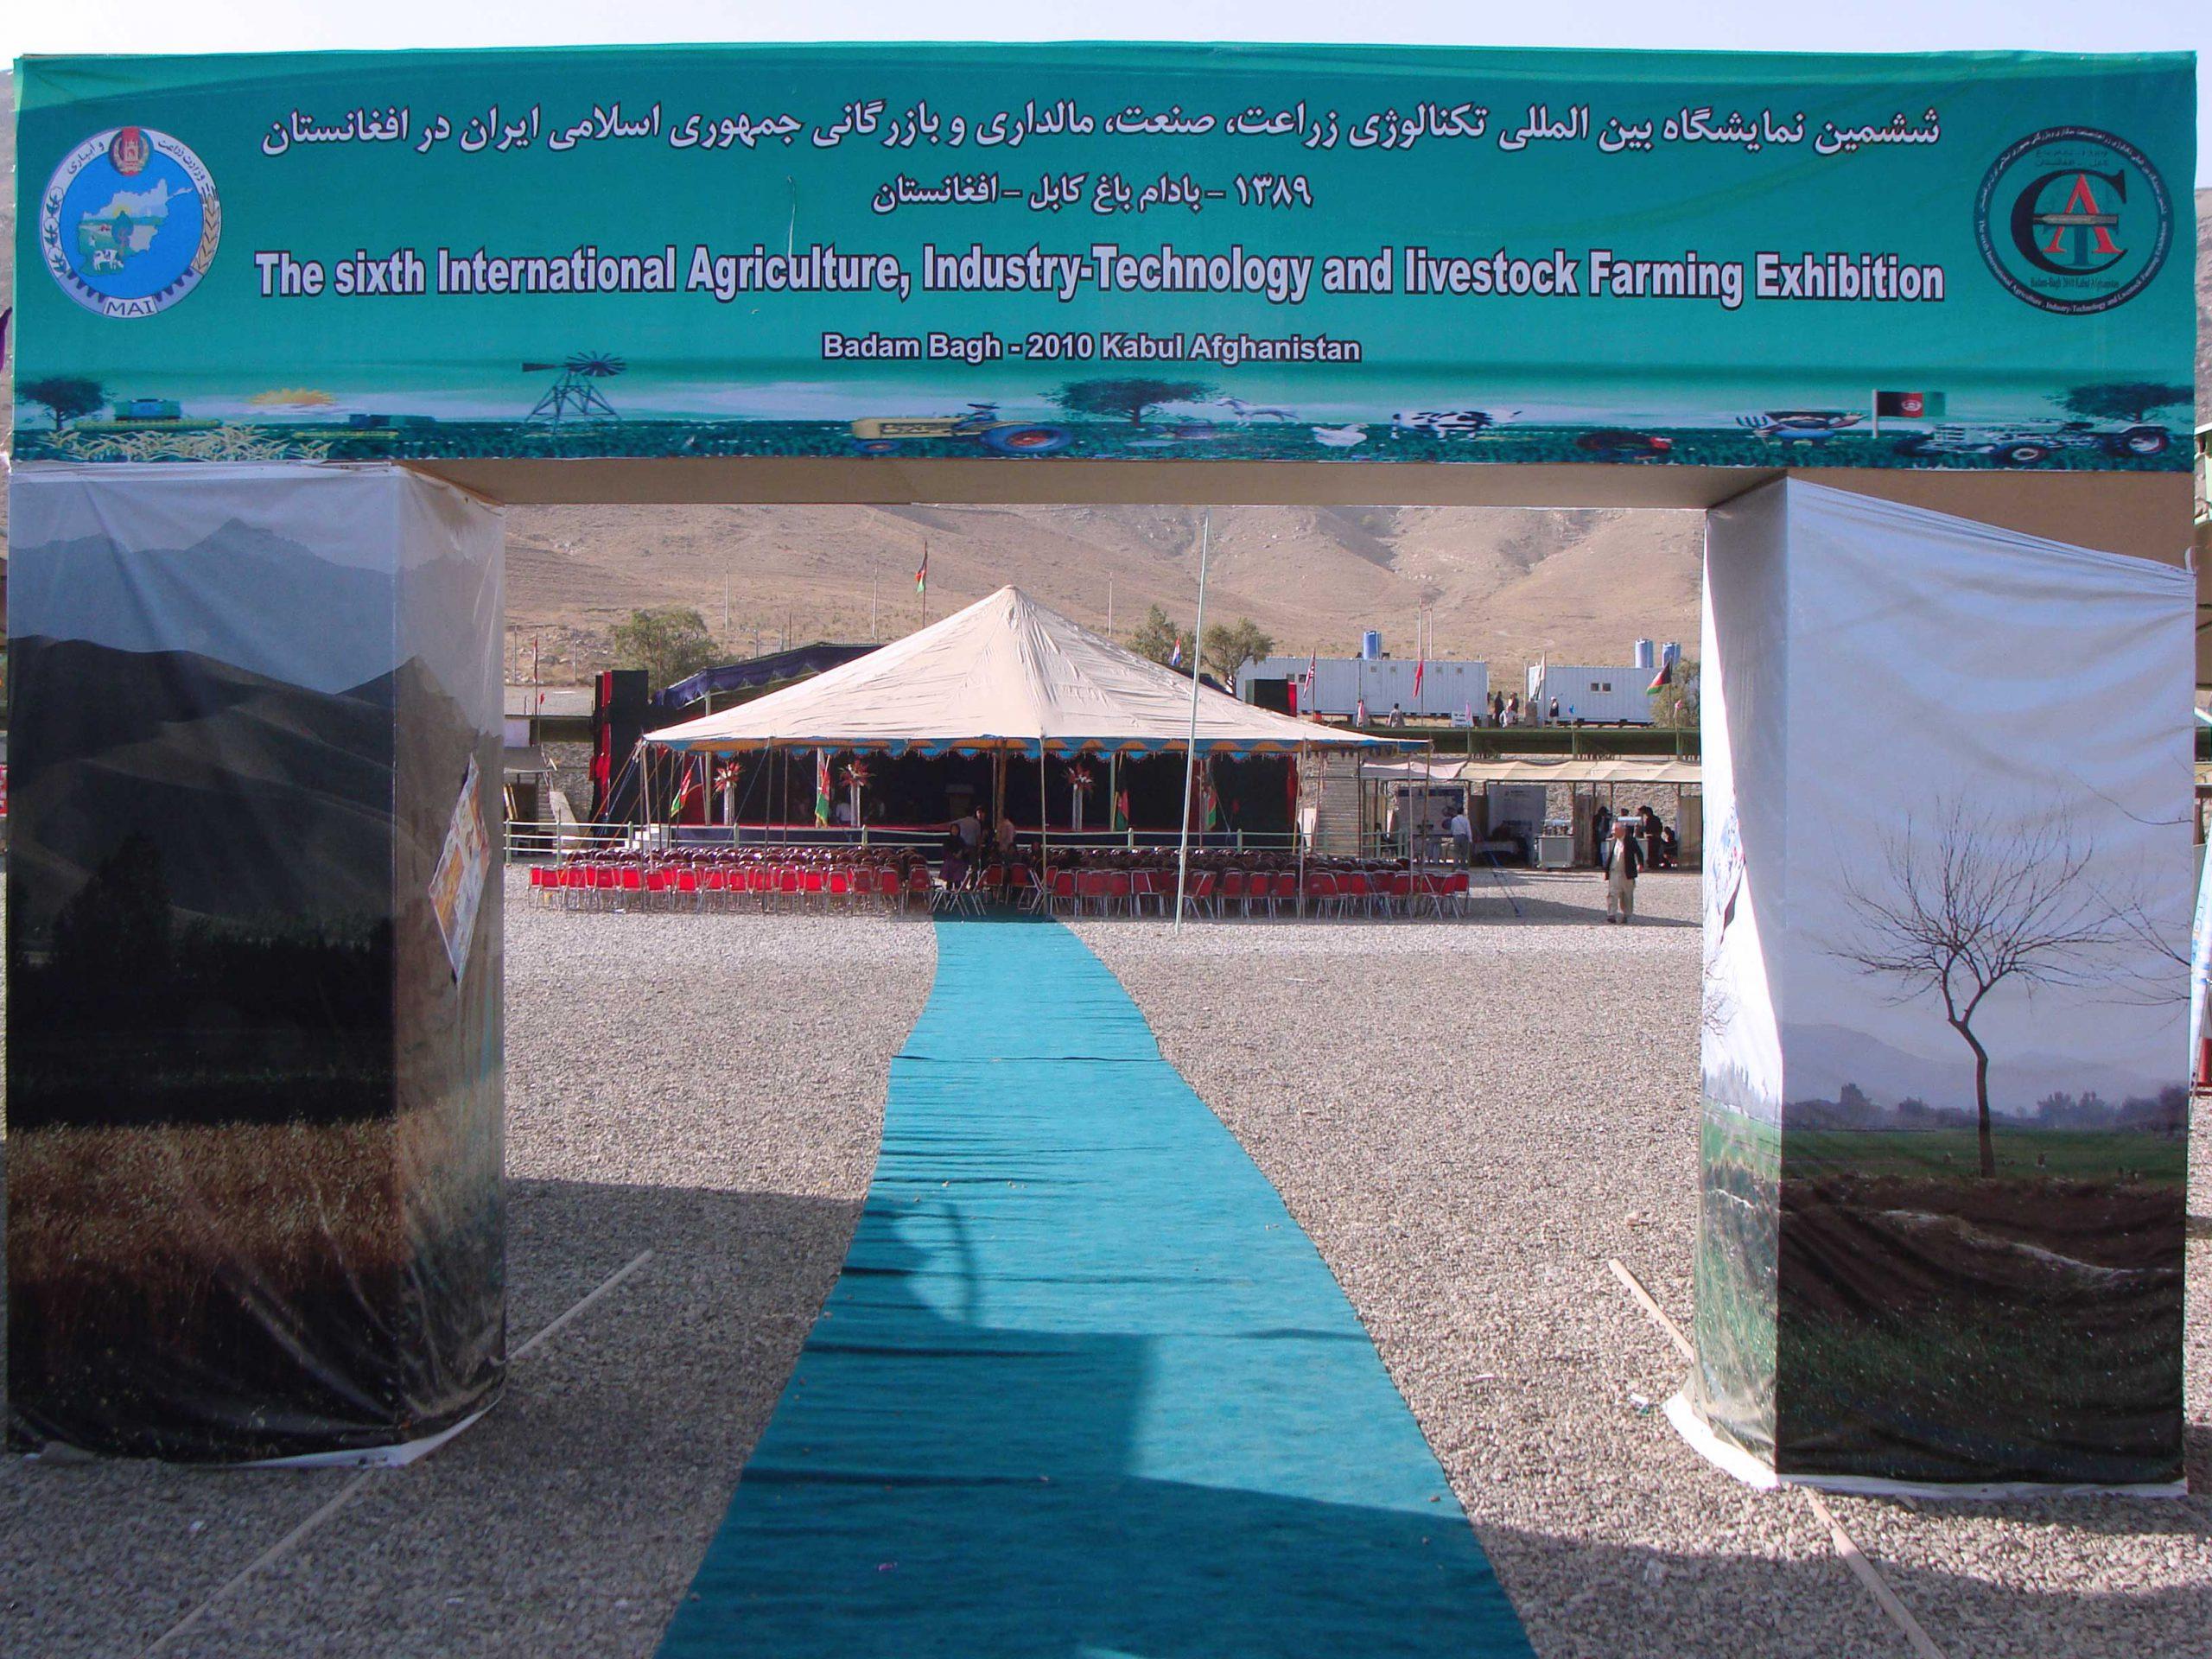 نمایشگاه اختصاصی ایران در افغانستان